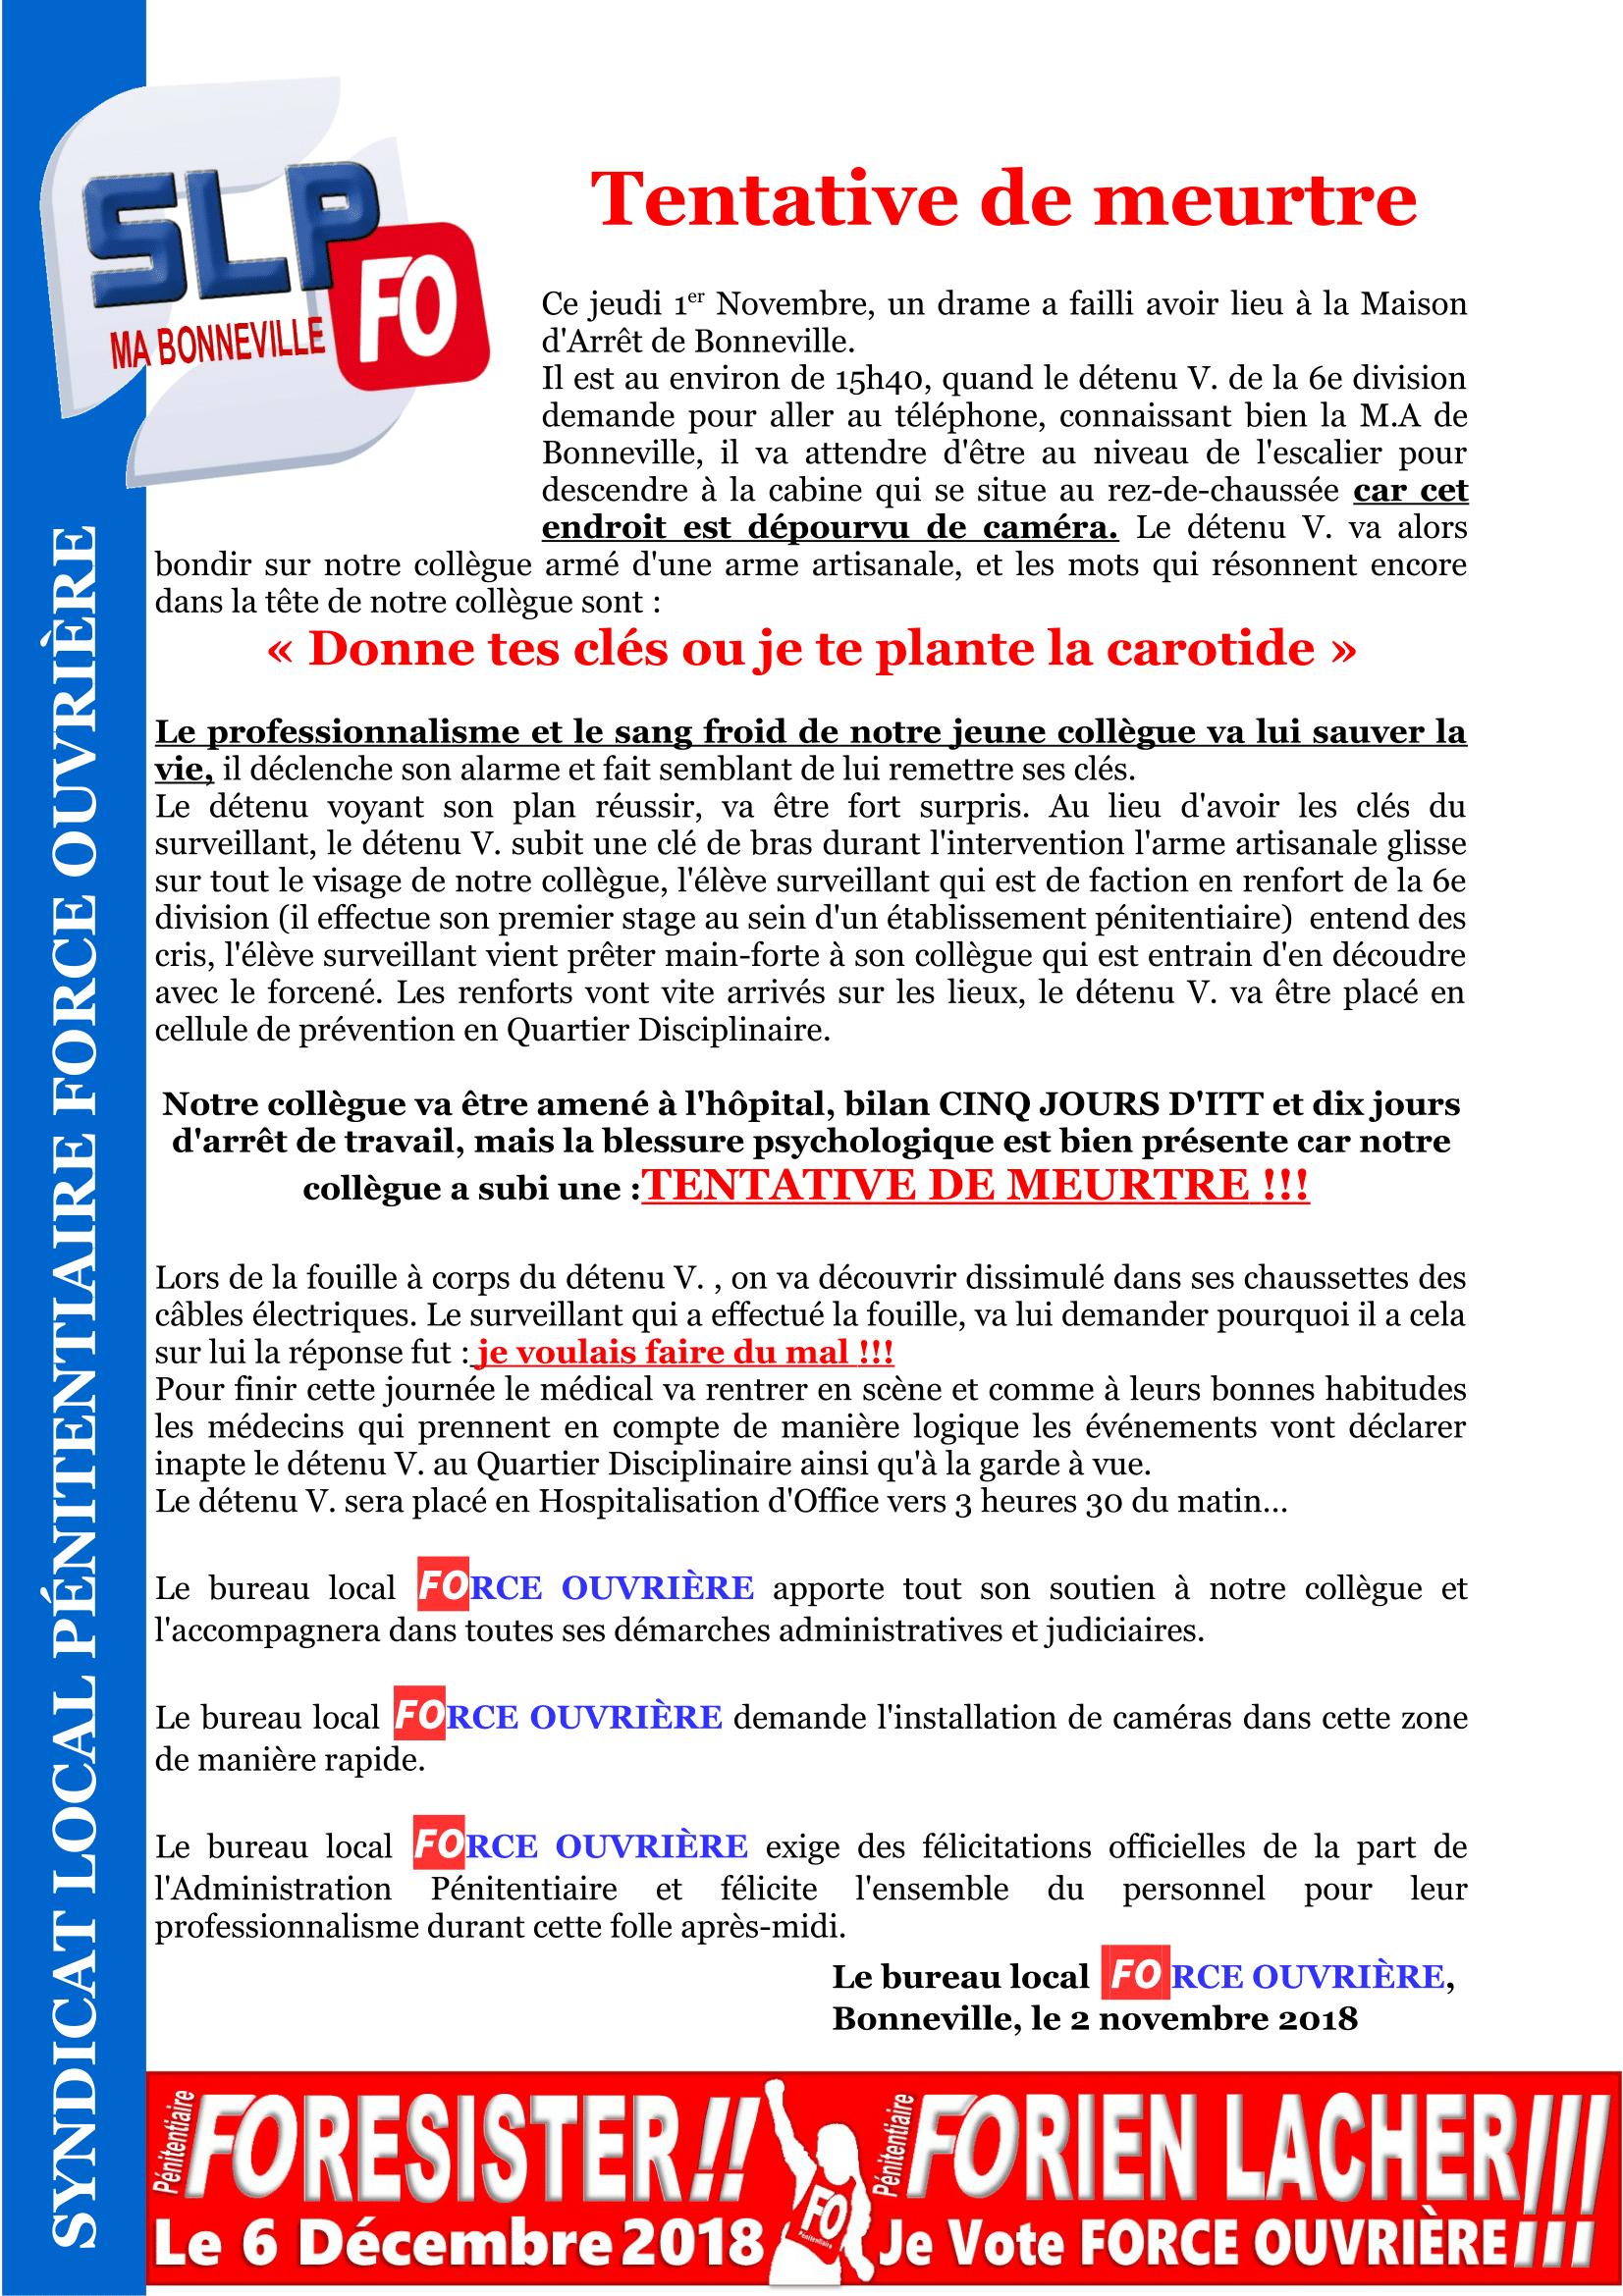 Tentative de Meurtre MA Bonneville 021118-1